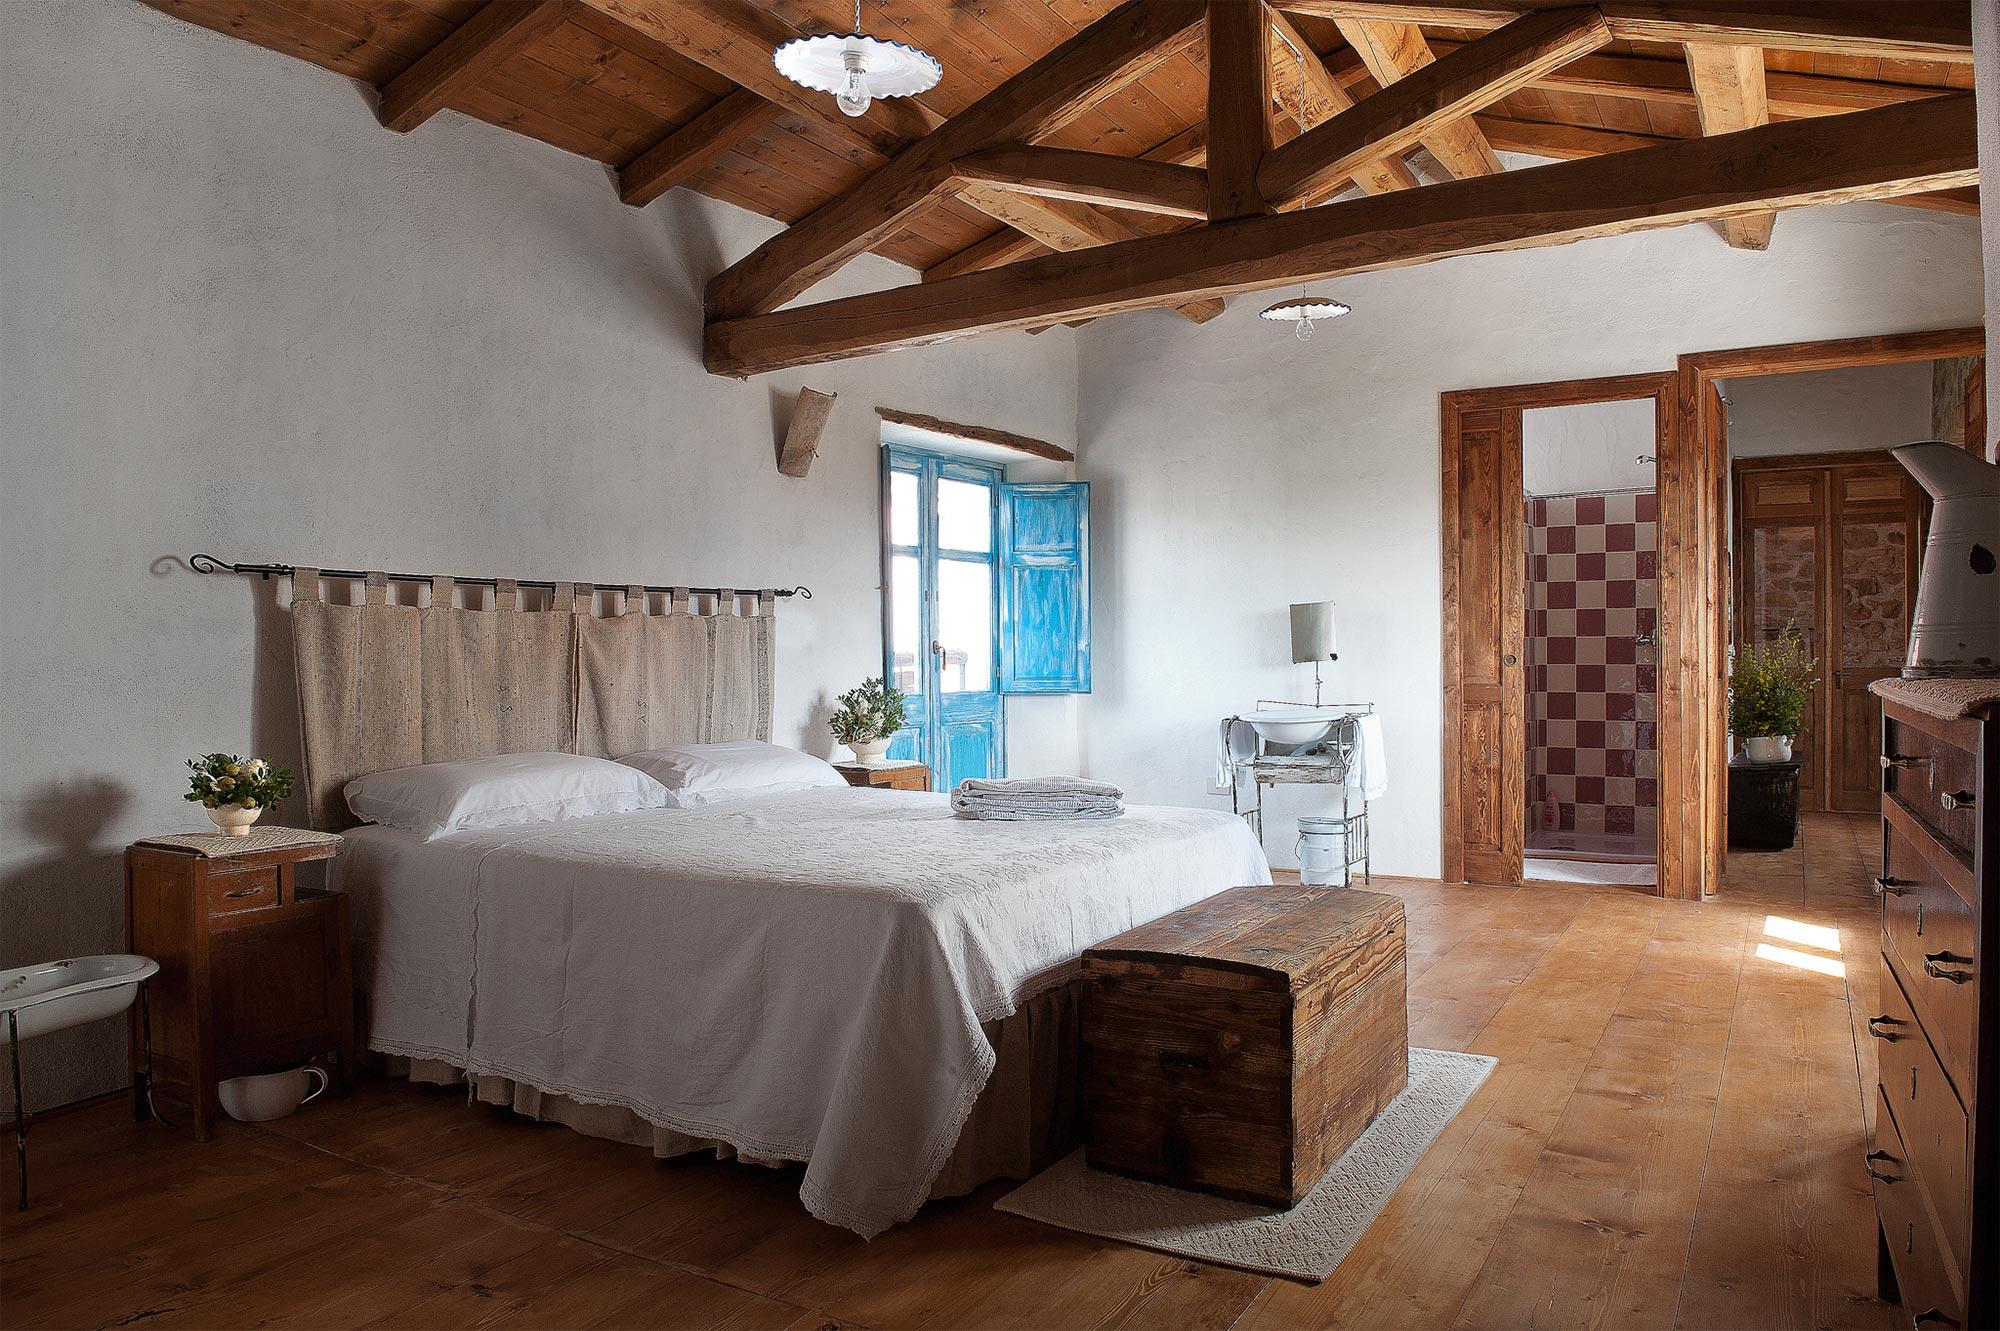 Das Boutique-Hotel bringt ihren Gästen die sardinische Lebensweise näher